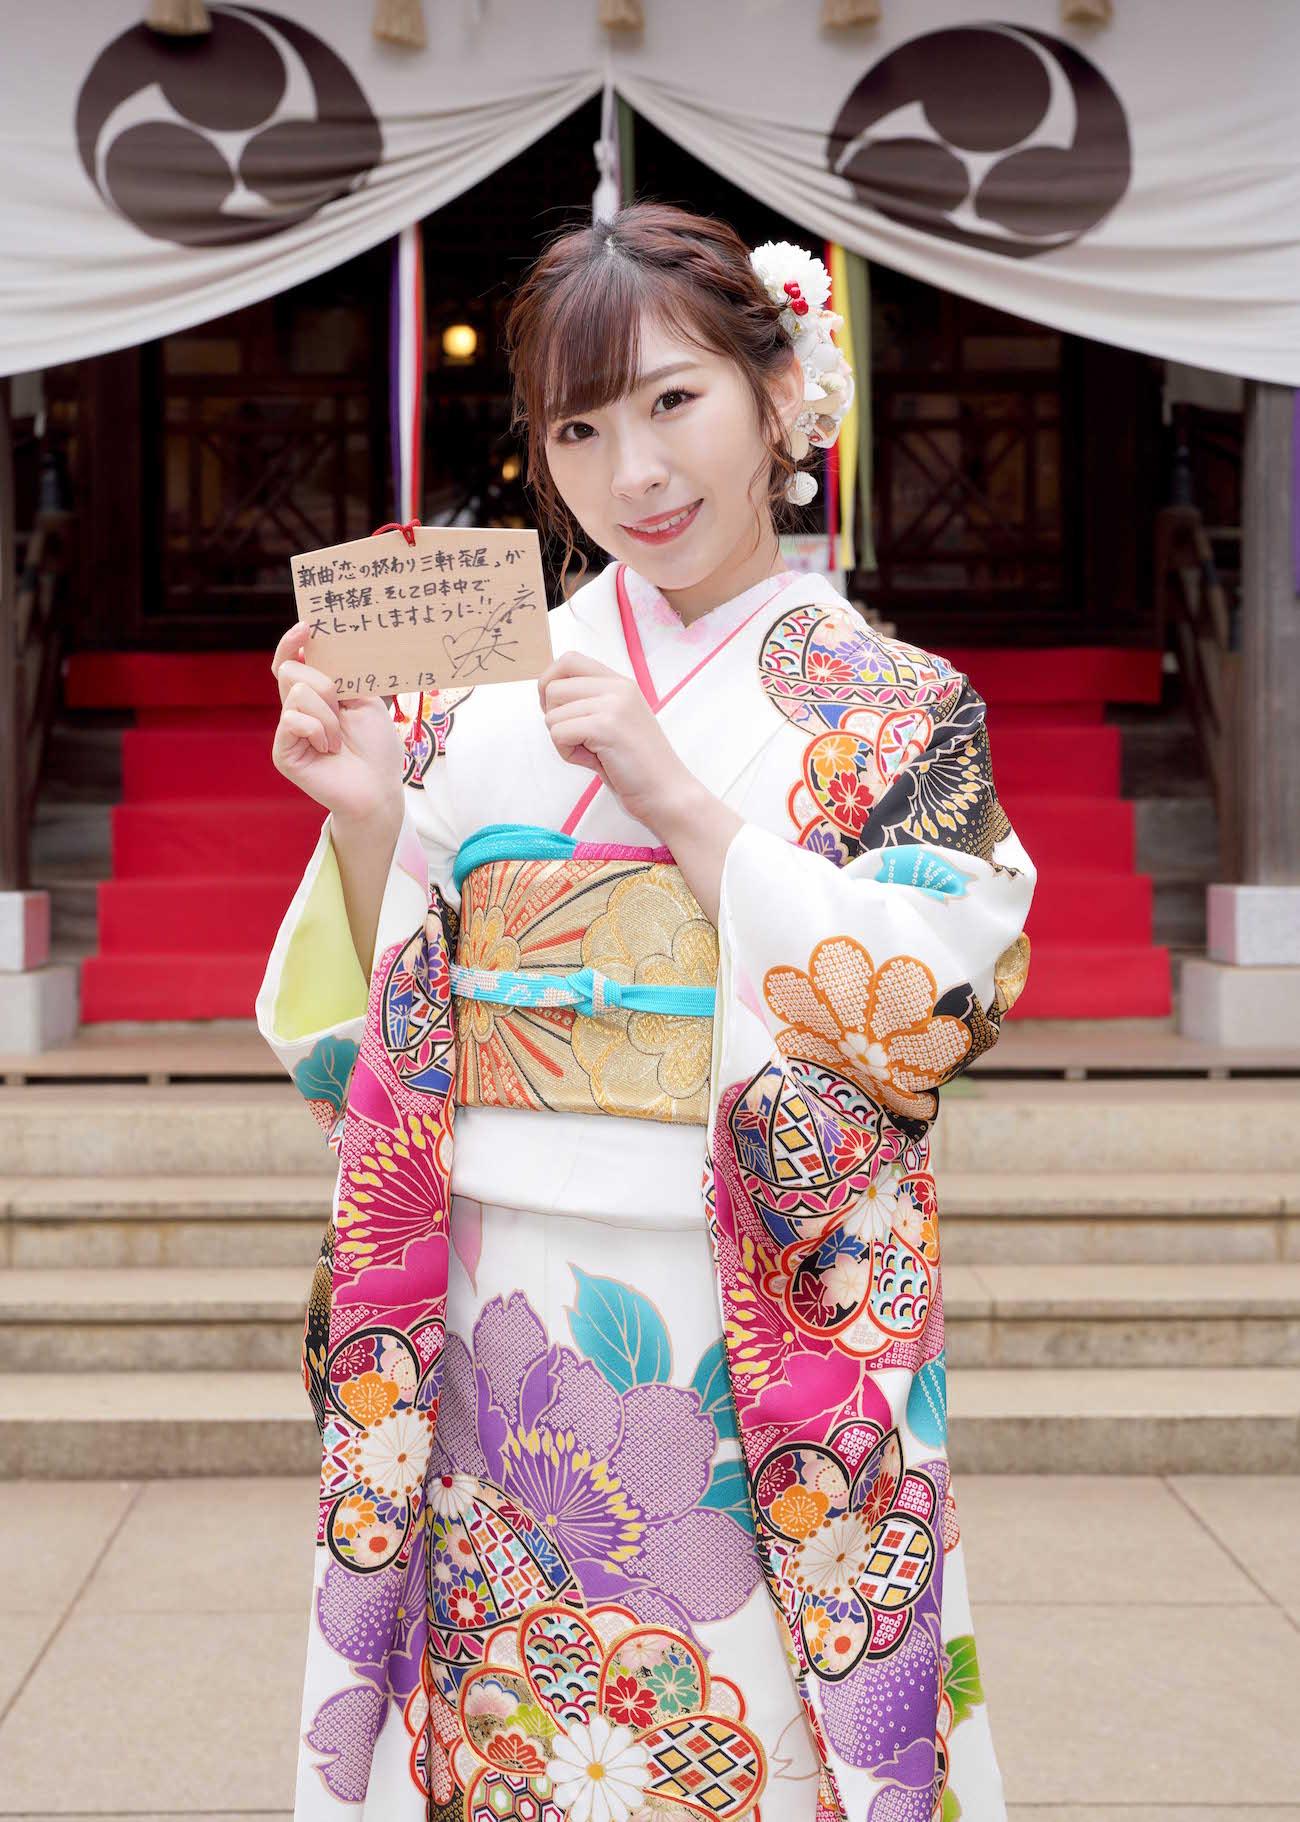 岩佐美咲/東京・三軒茶屋の太子堂八幡神社でヒット祈願